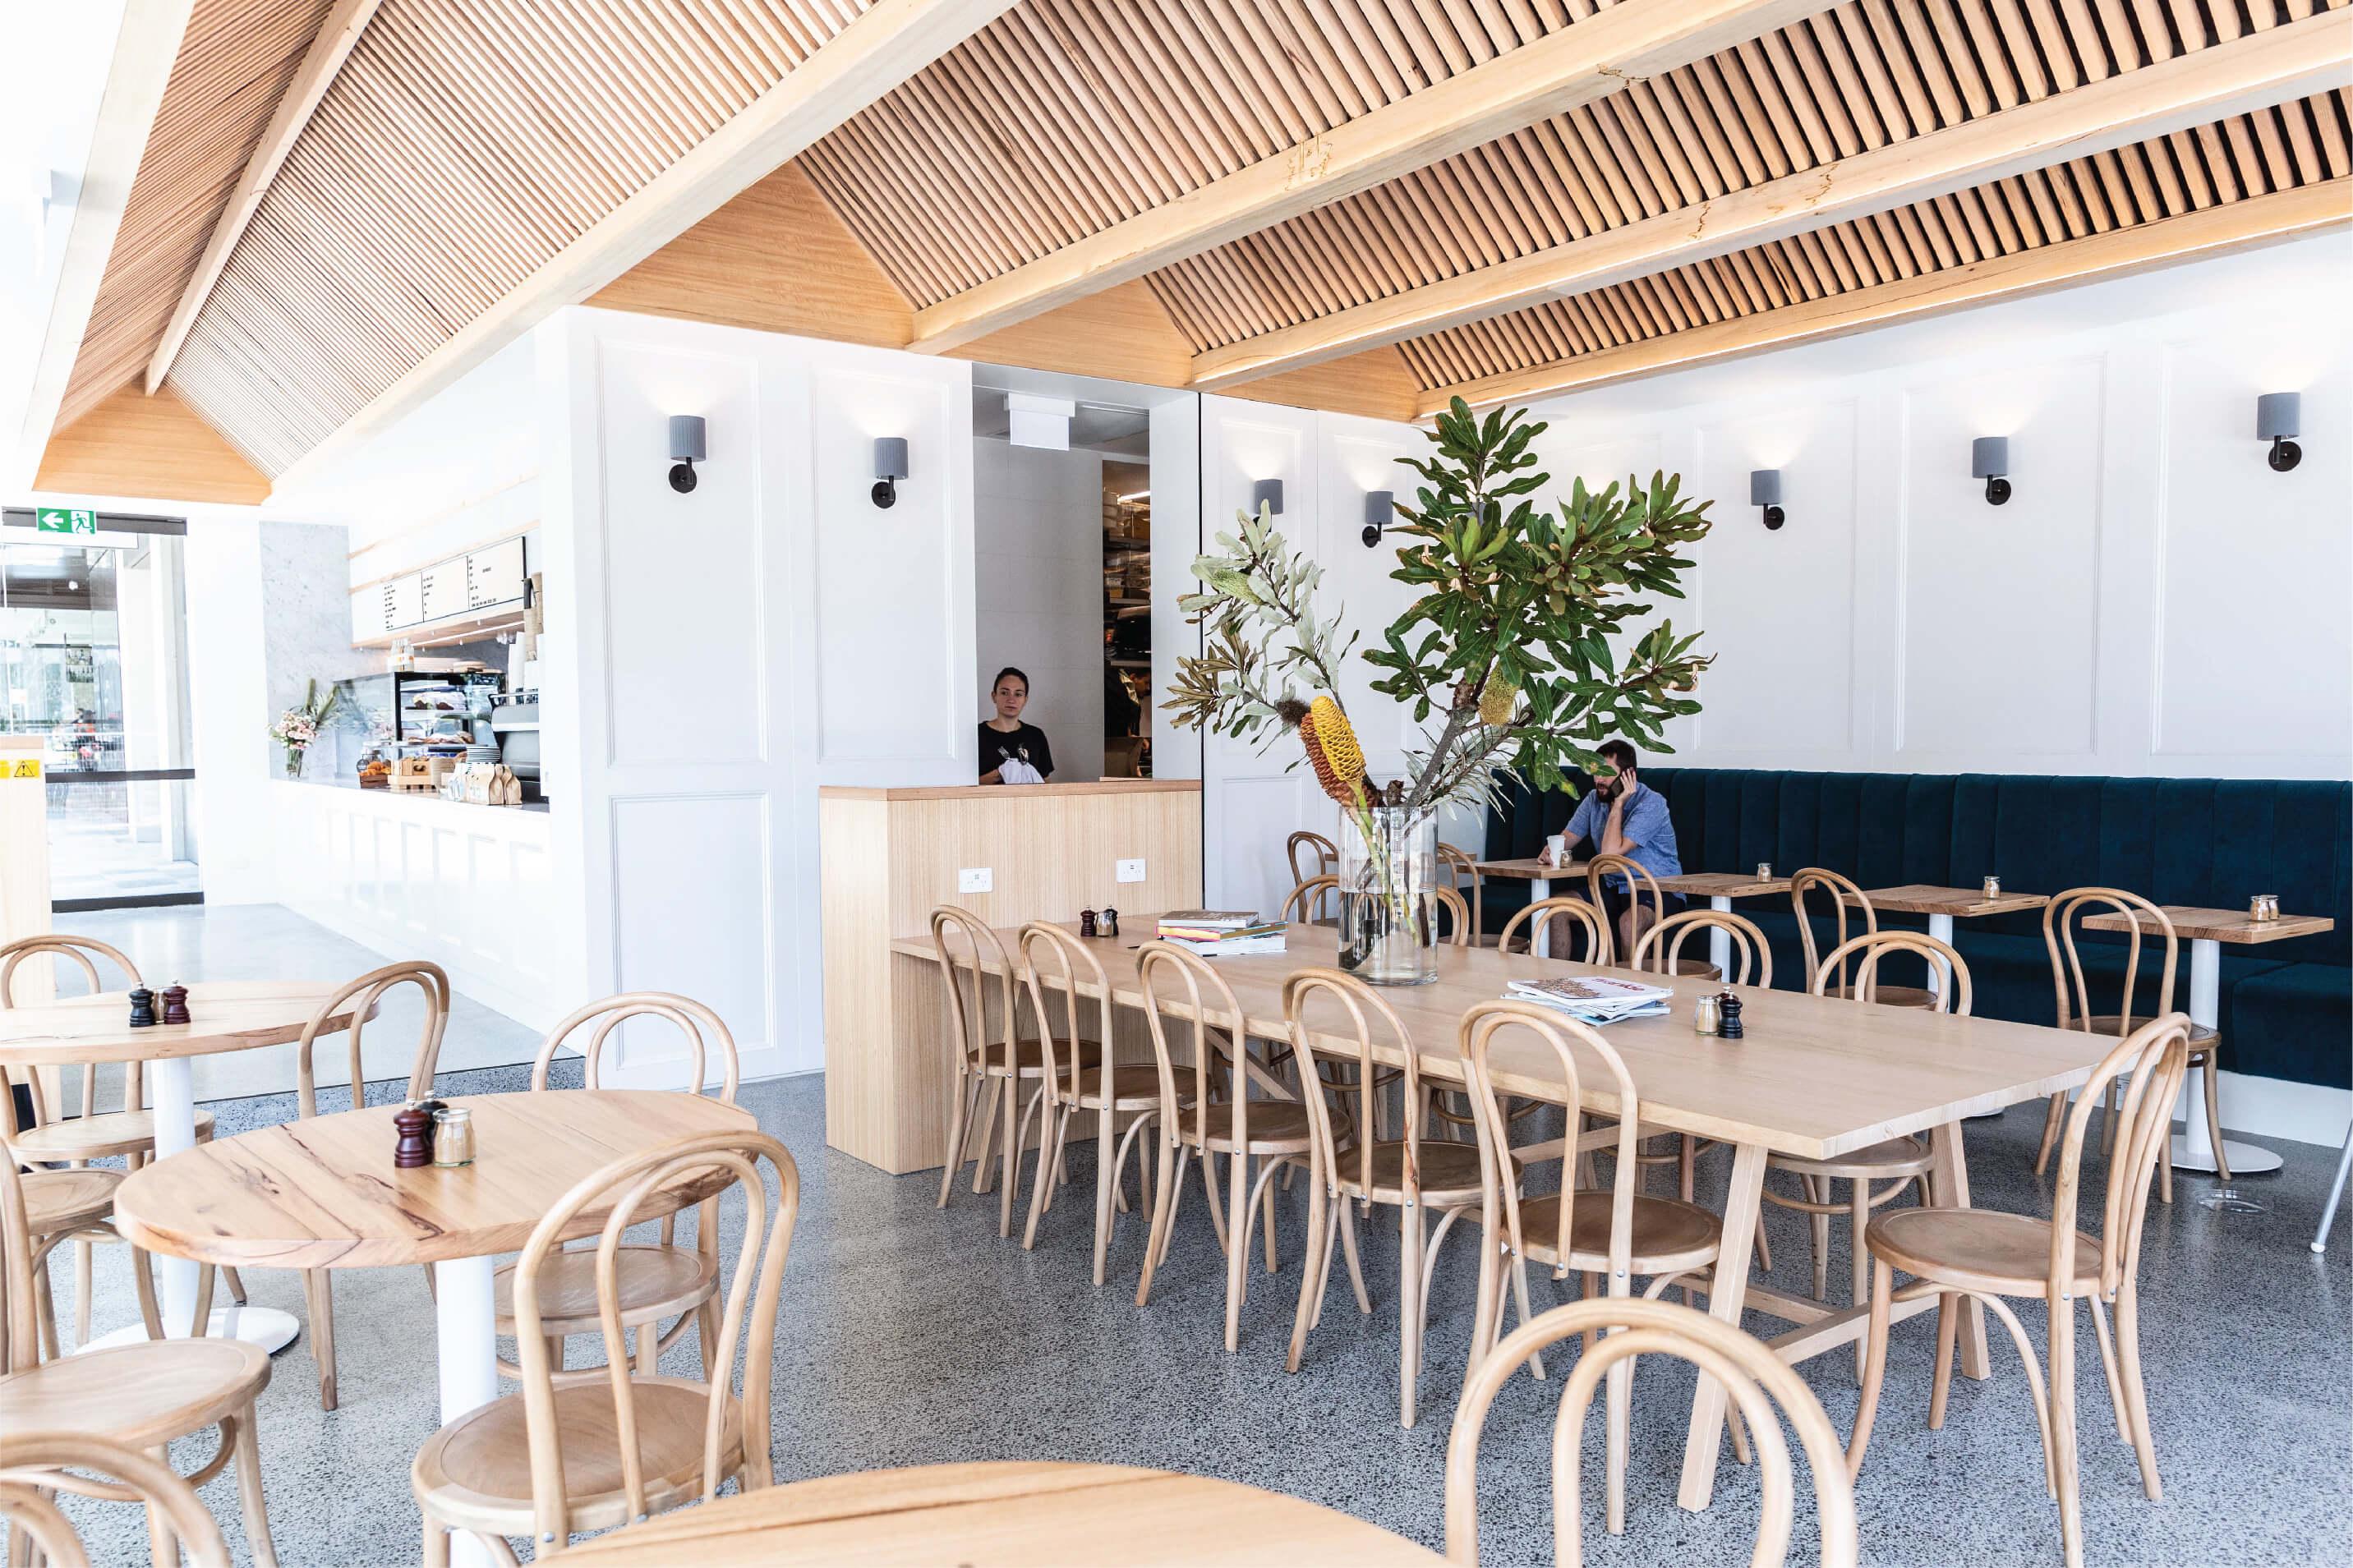 cafe-mckenzie-randwick-branding-design-cafe-A-01-03